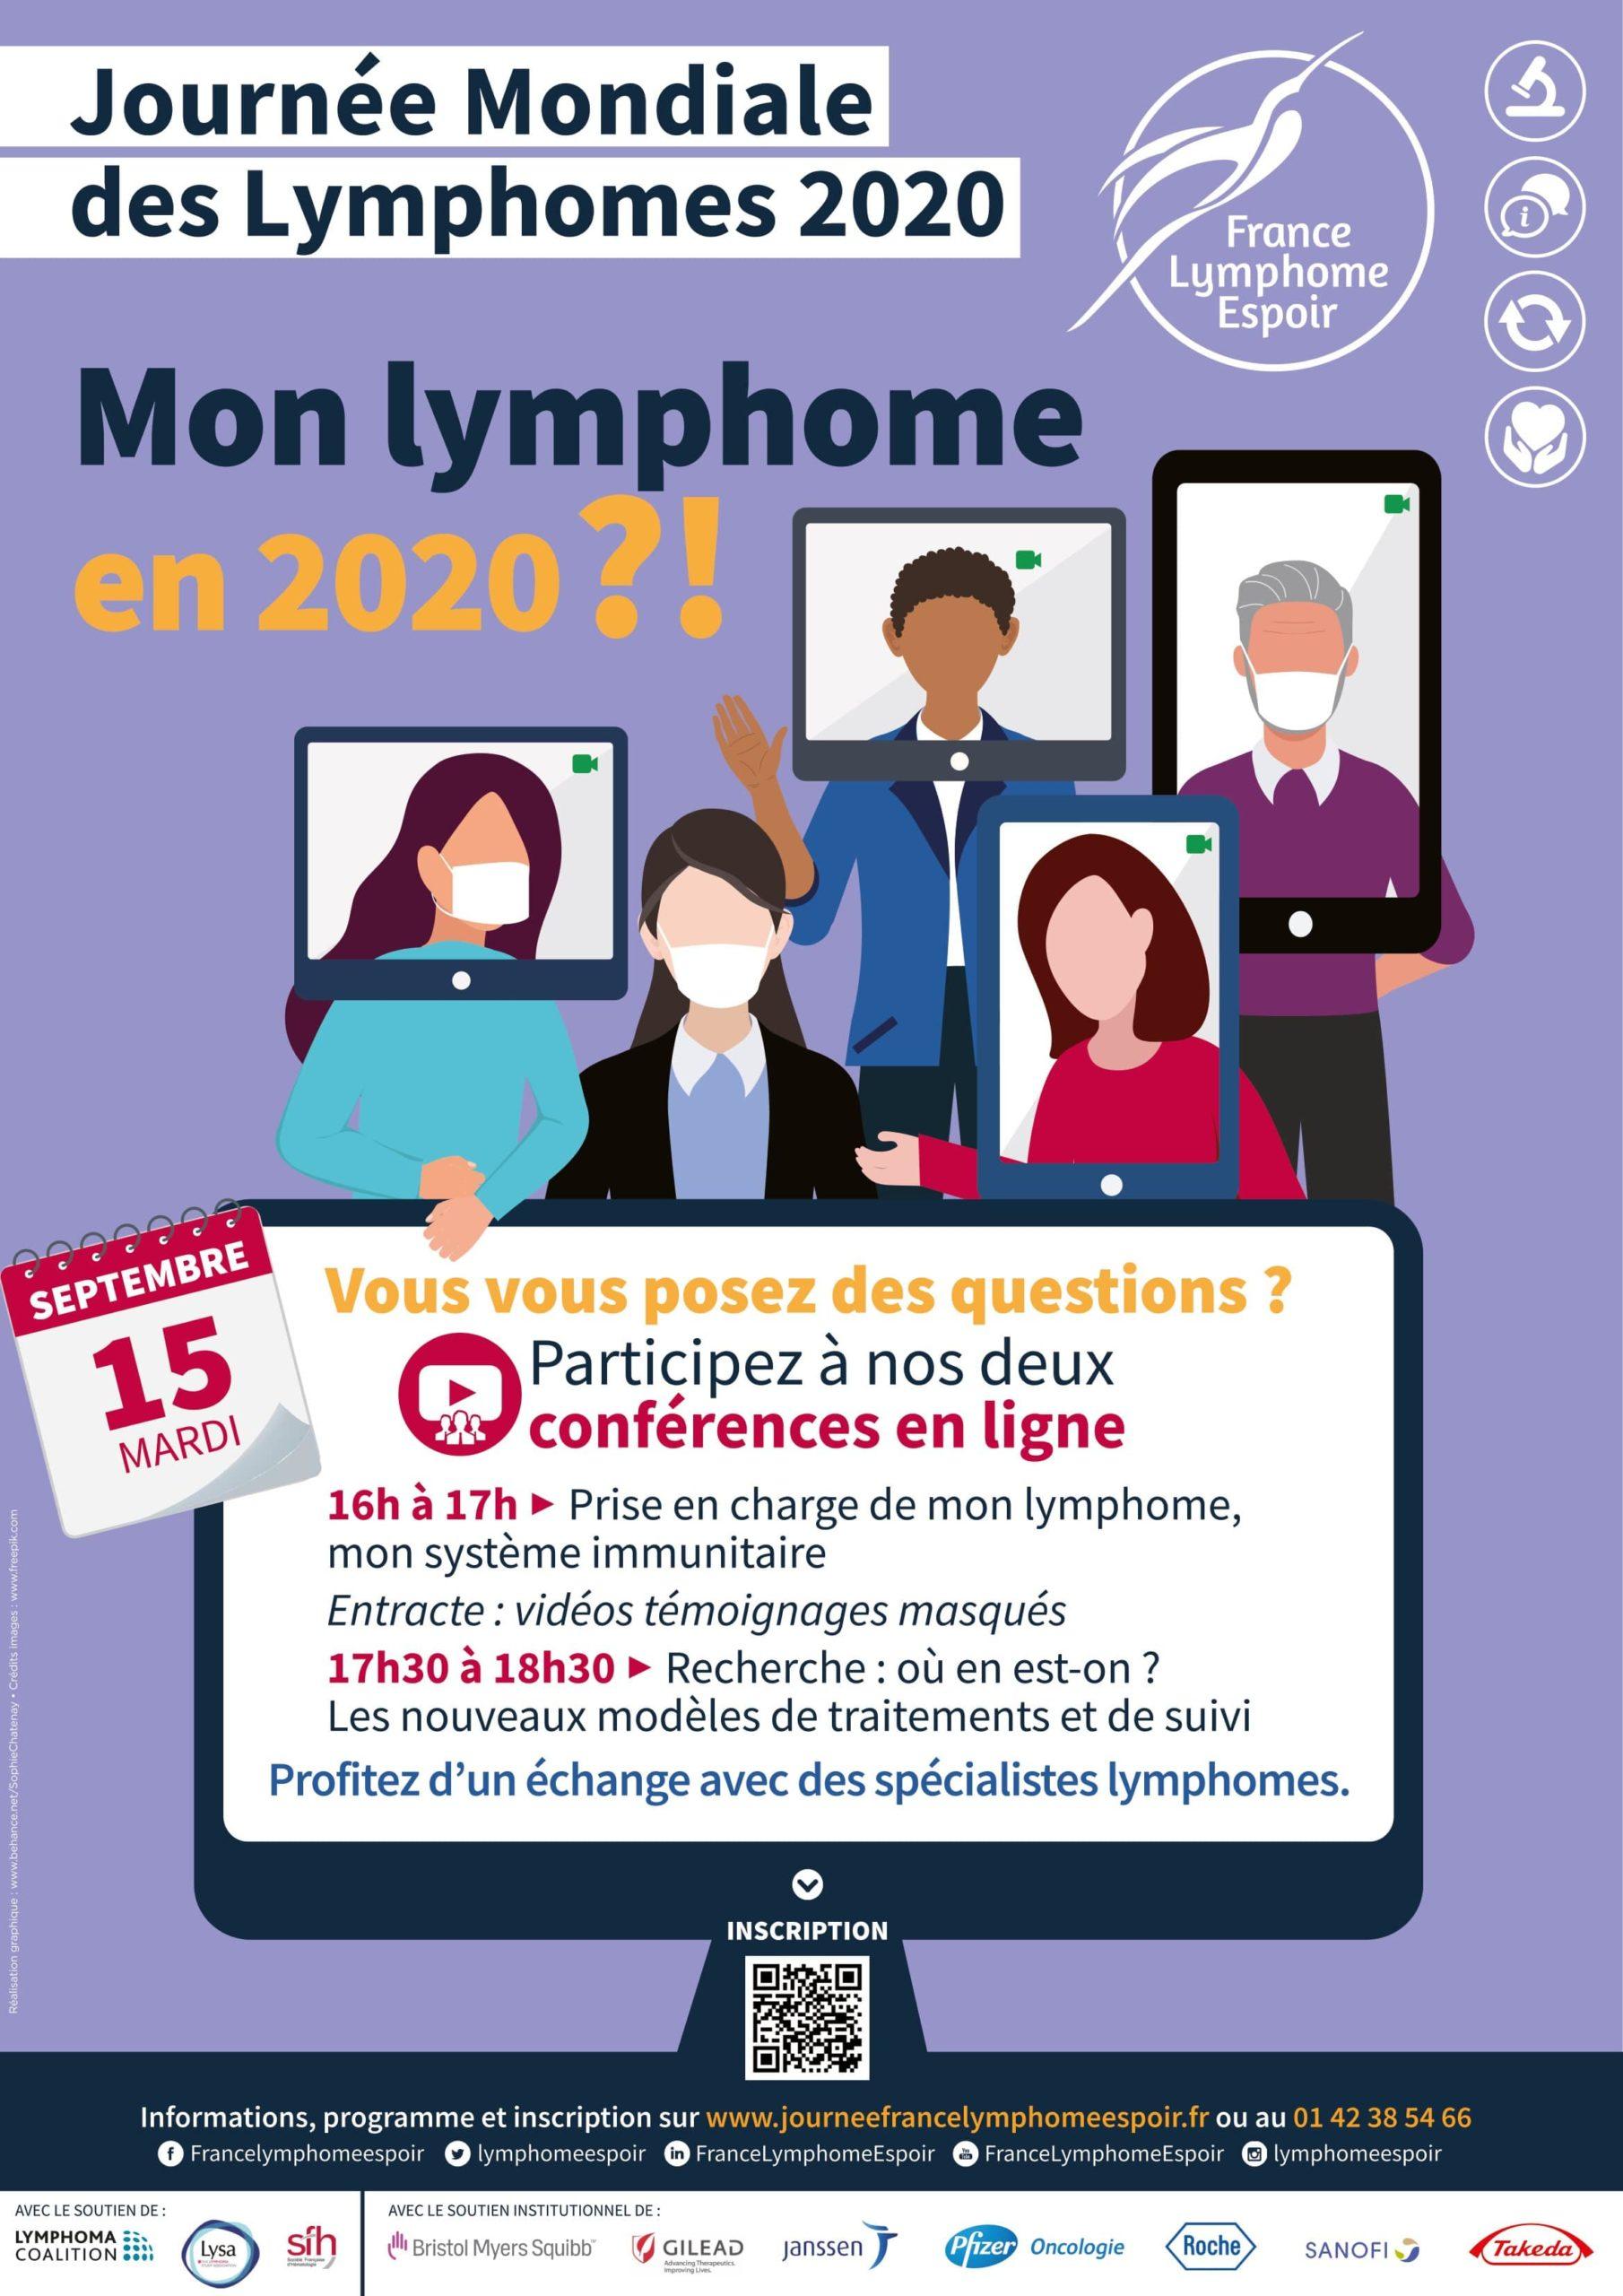 JOURNEE MONDIALE DES LYMPHOMES 15 SEPTEMBRE